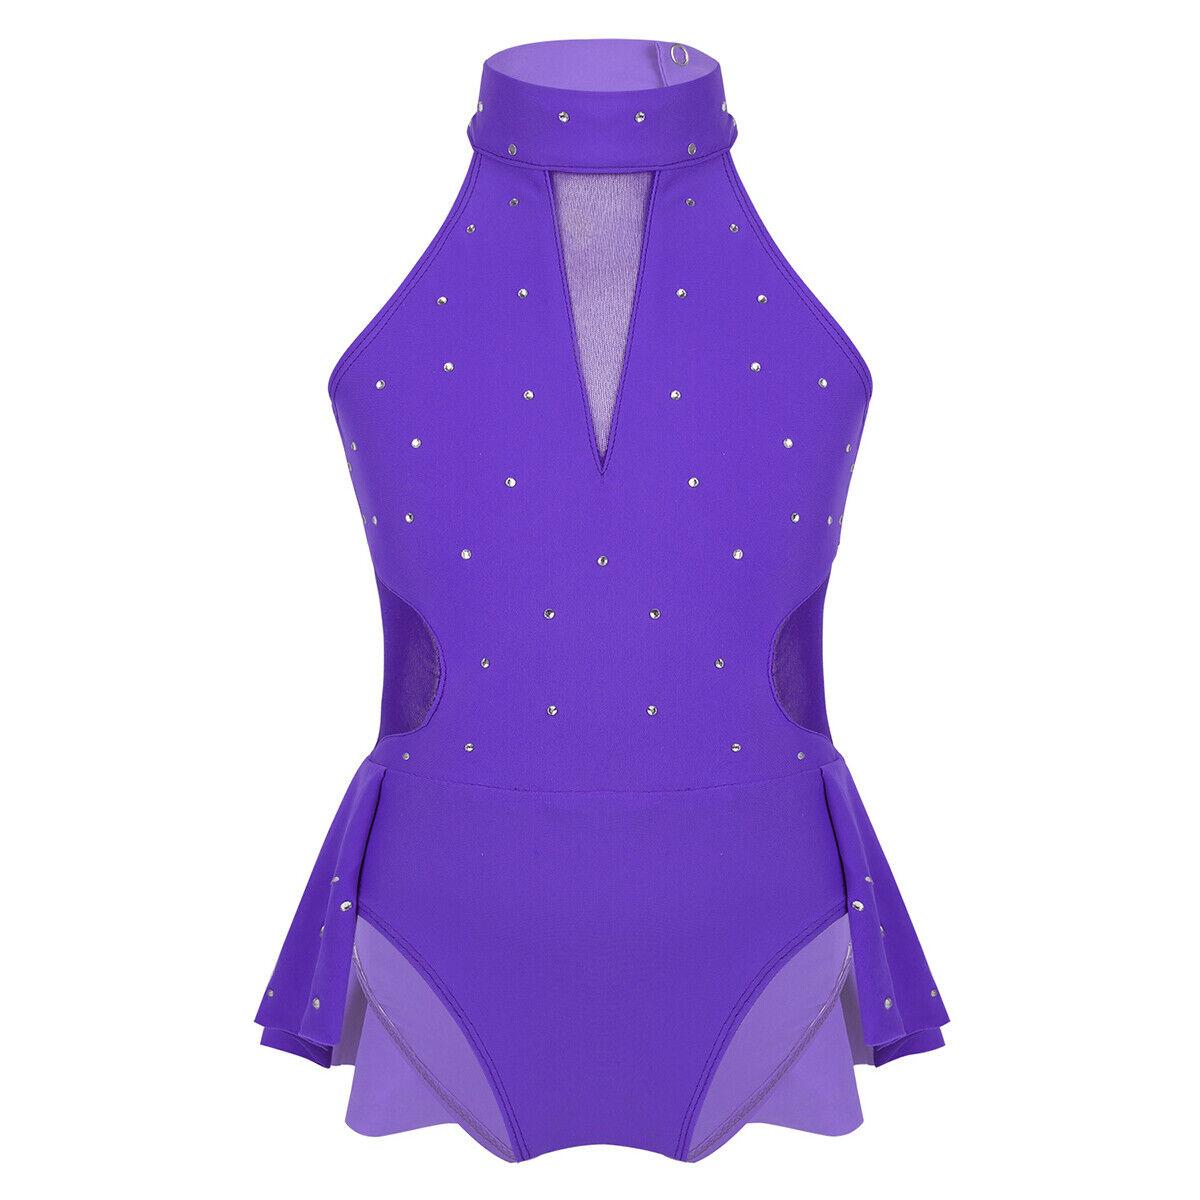 Kids Girls Shiny Lyrical Skating Dress Ballet Modern Dance Leotard Skirt Costume